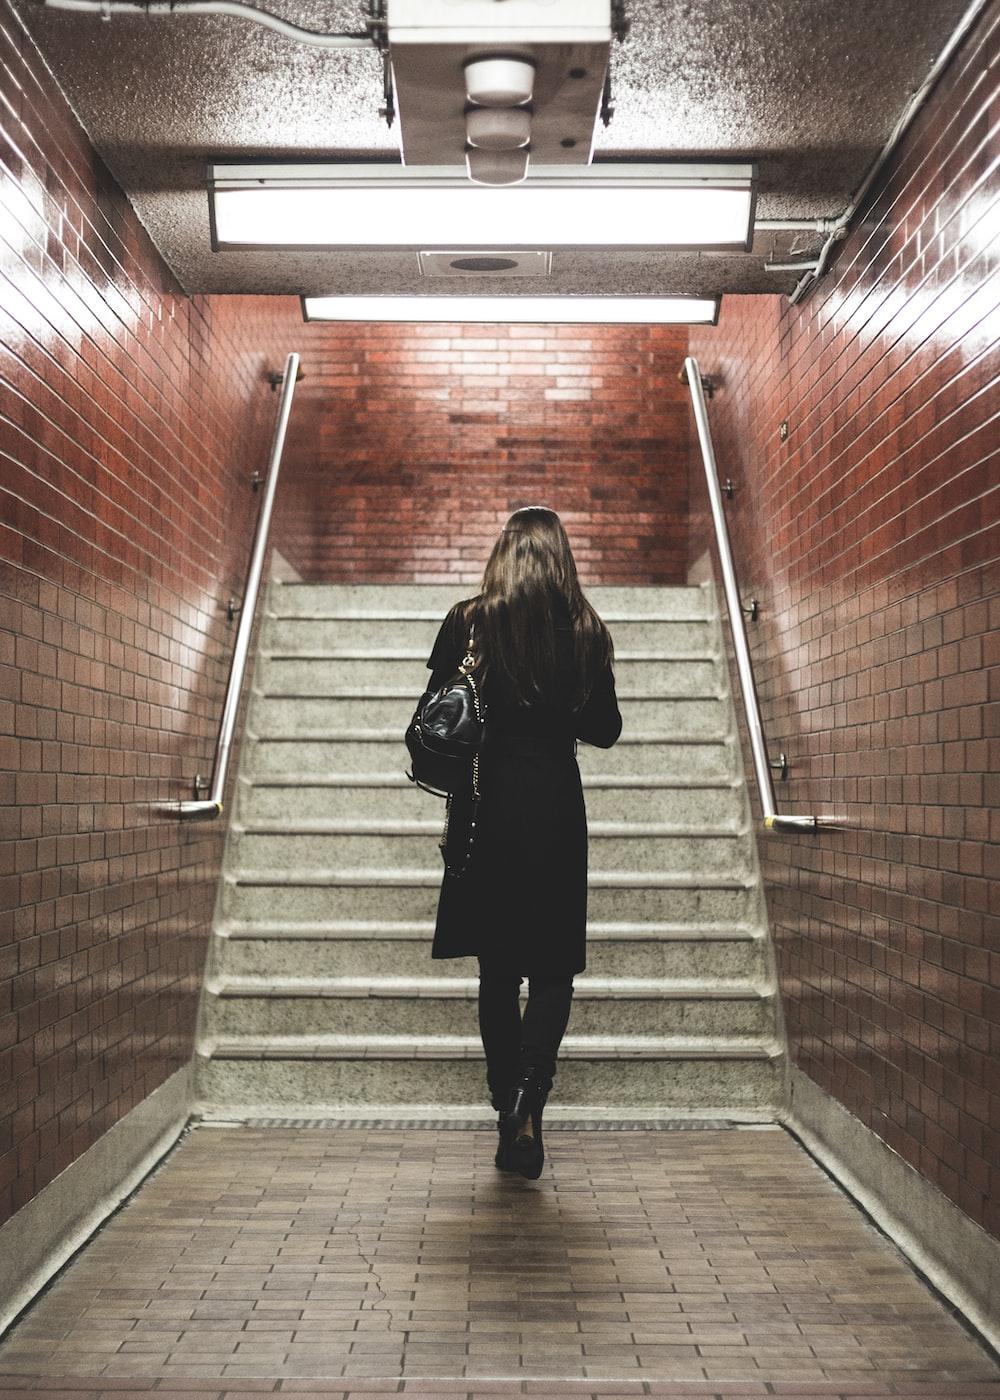 woman walking near staircase